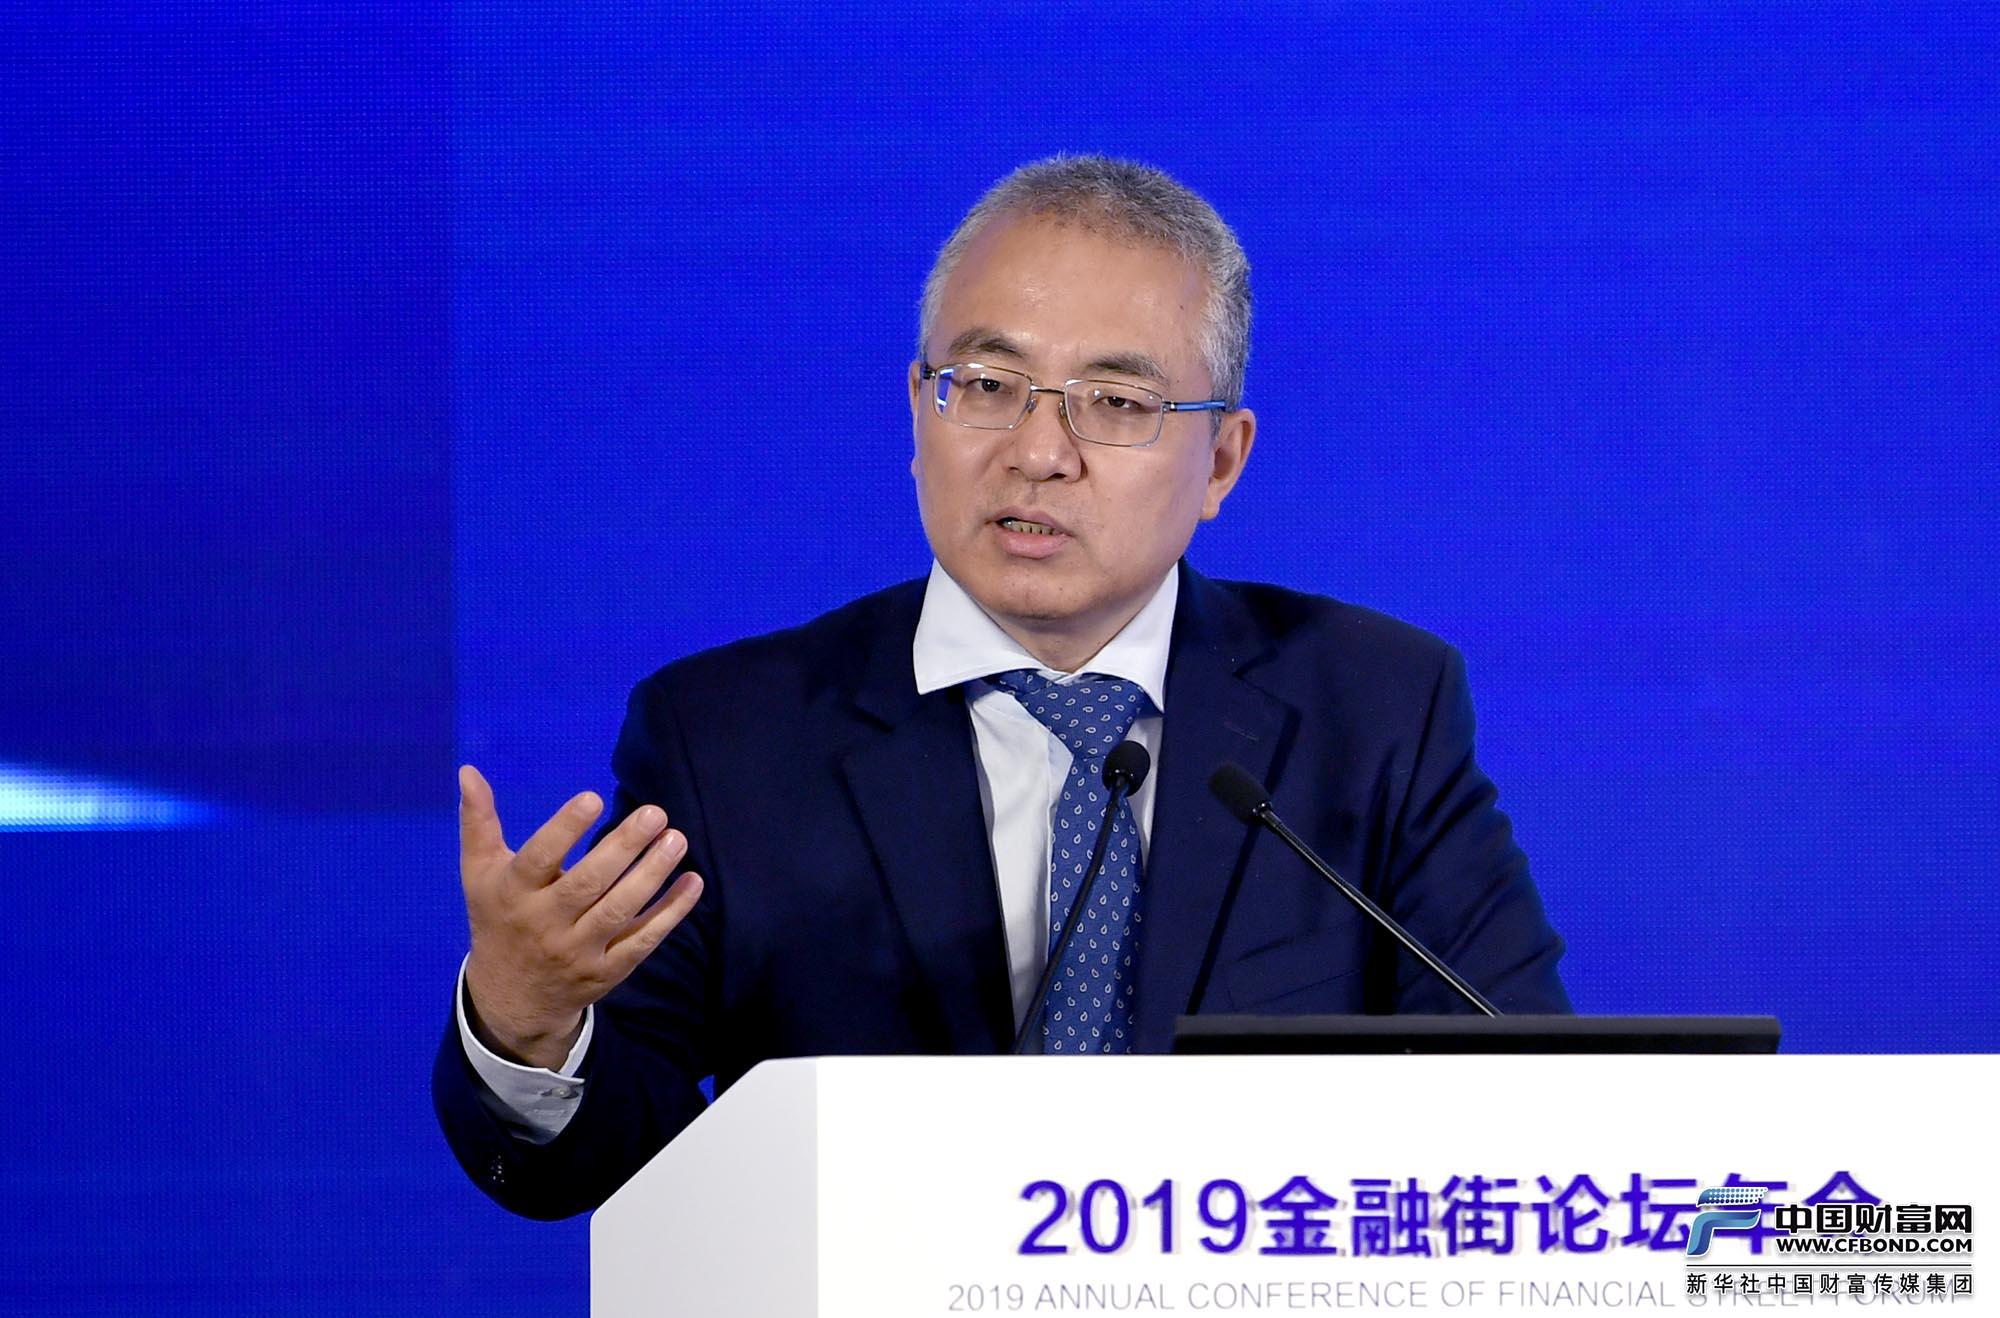 大成基金副总经理兼首席经济学家姚余栋